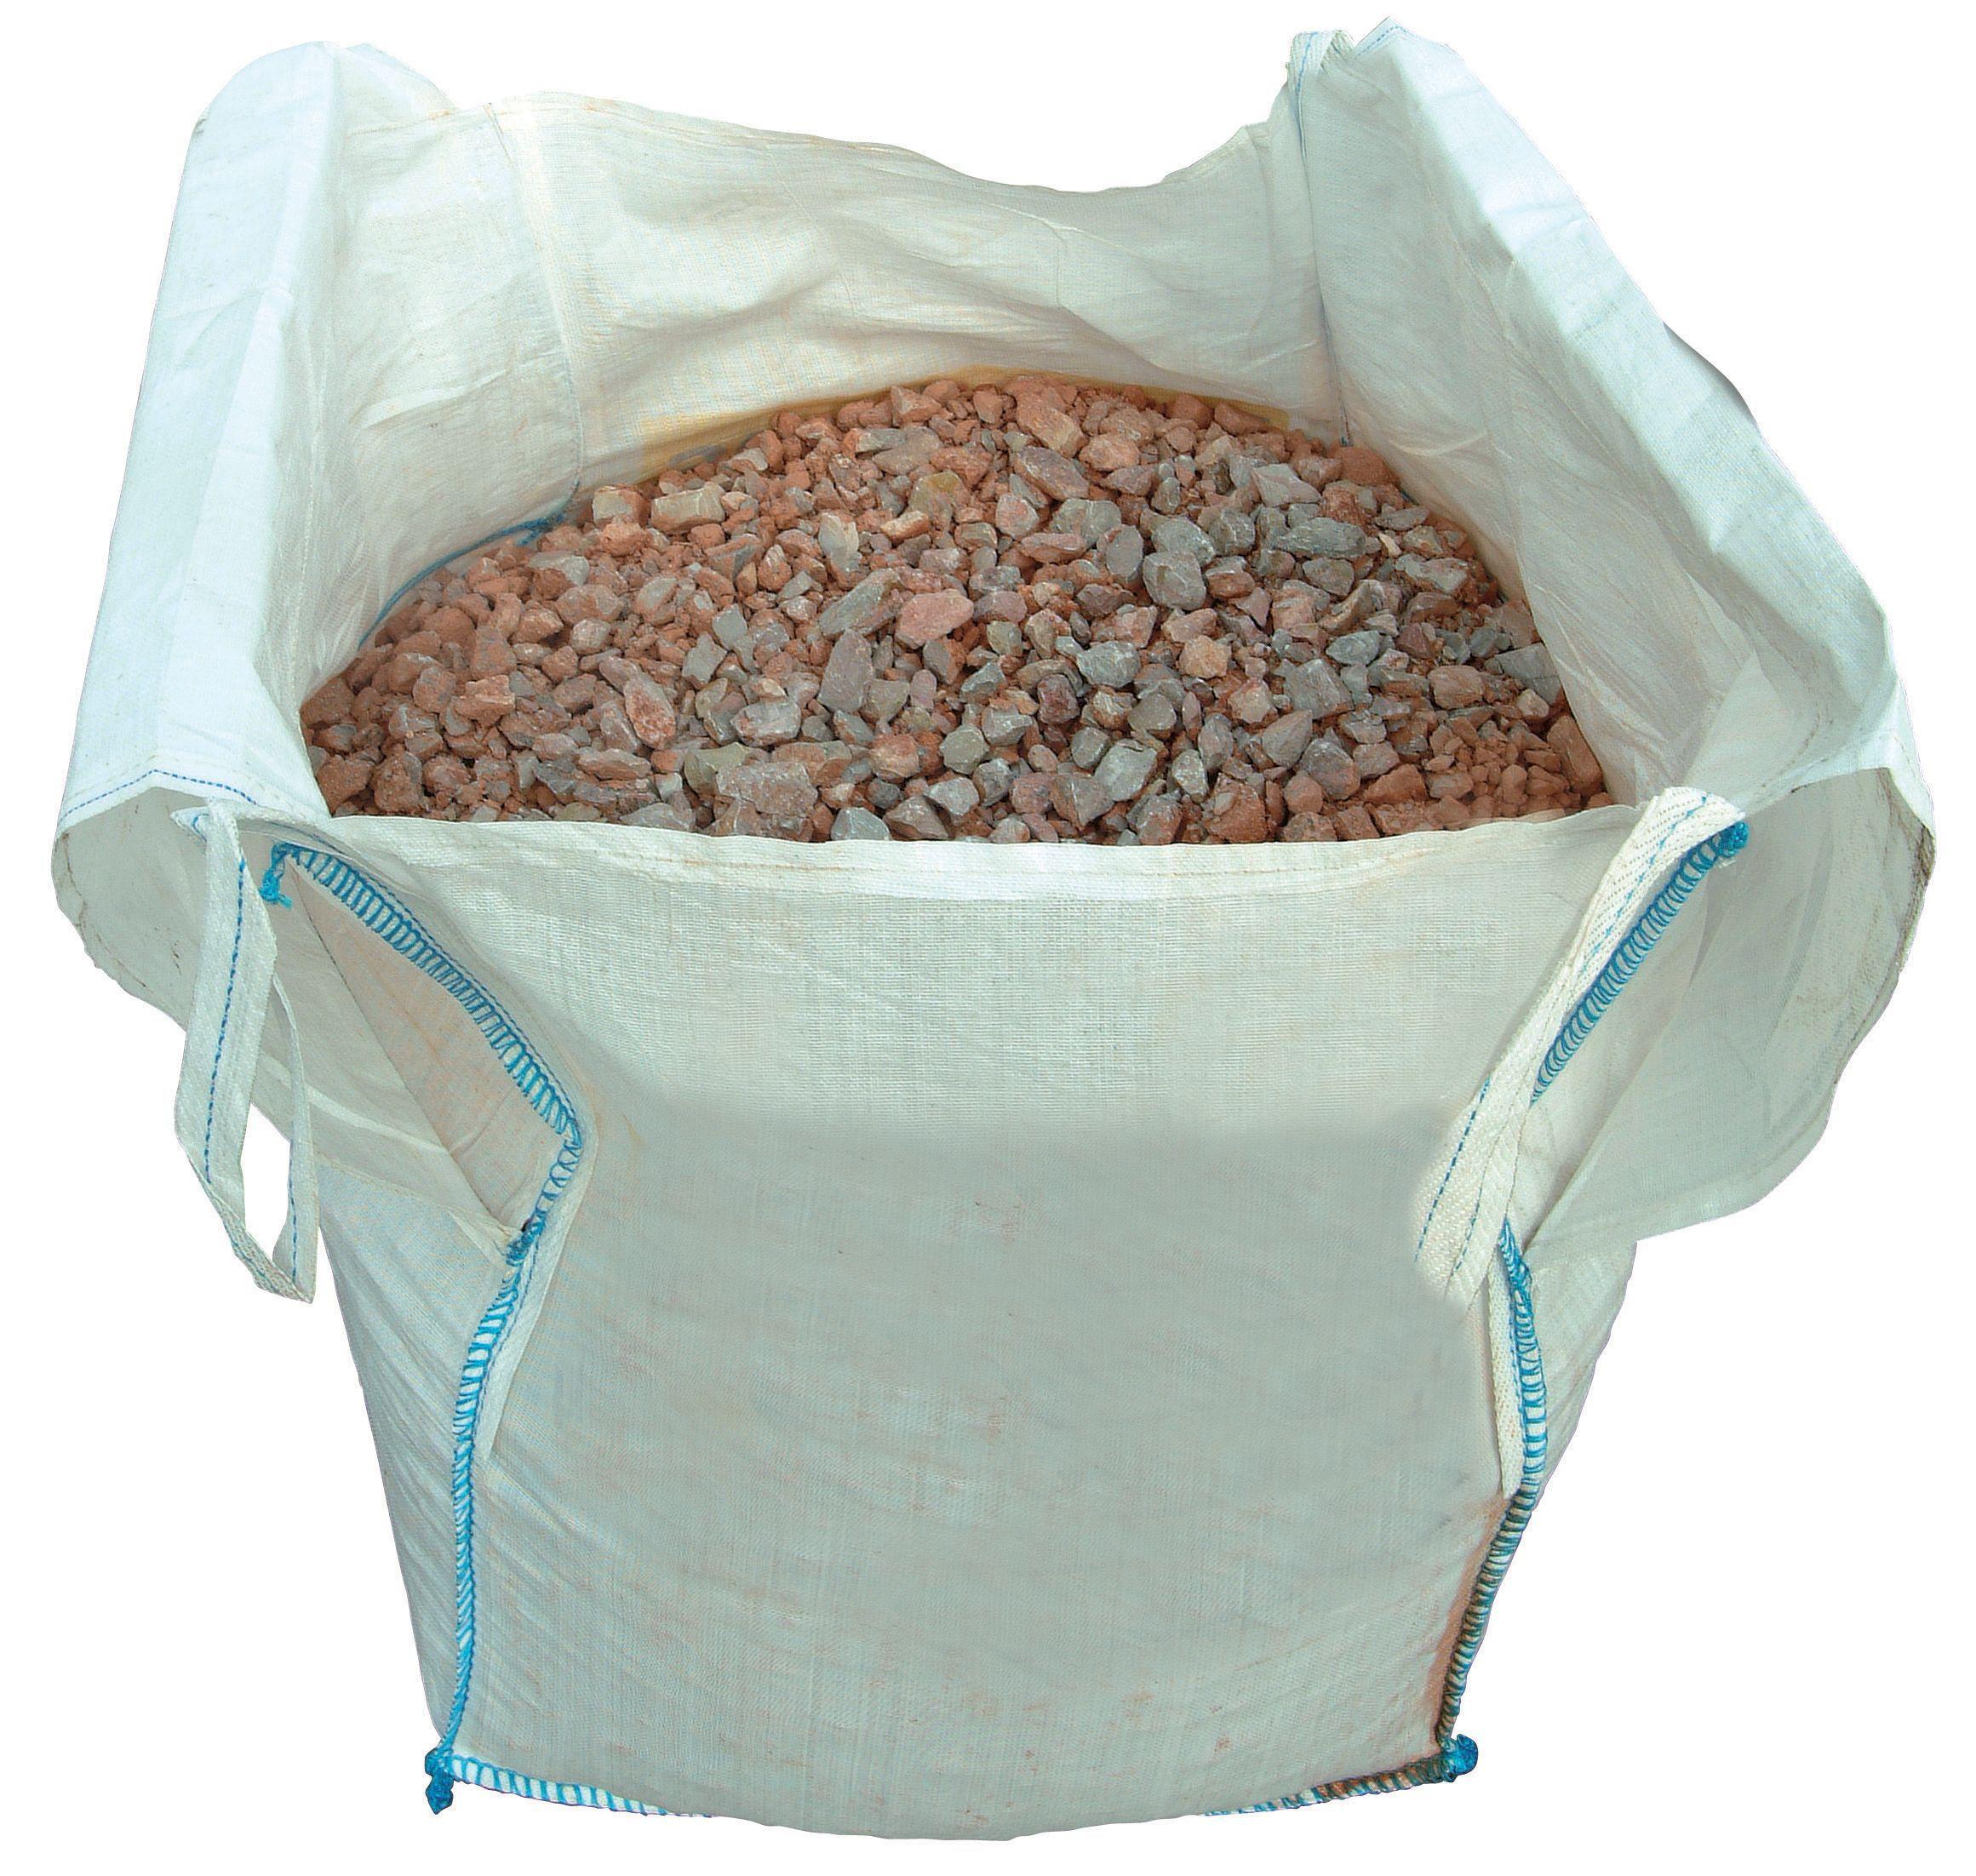 Awe Inspiring Mot Type 1 Subbase Bulk Bag Departments Diy At Bq Short Links Chair Design For Home Short Linksinfo